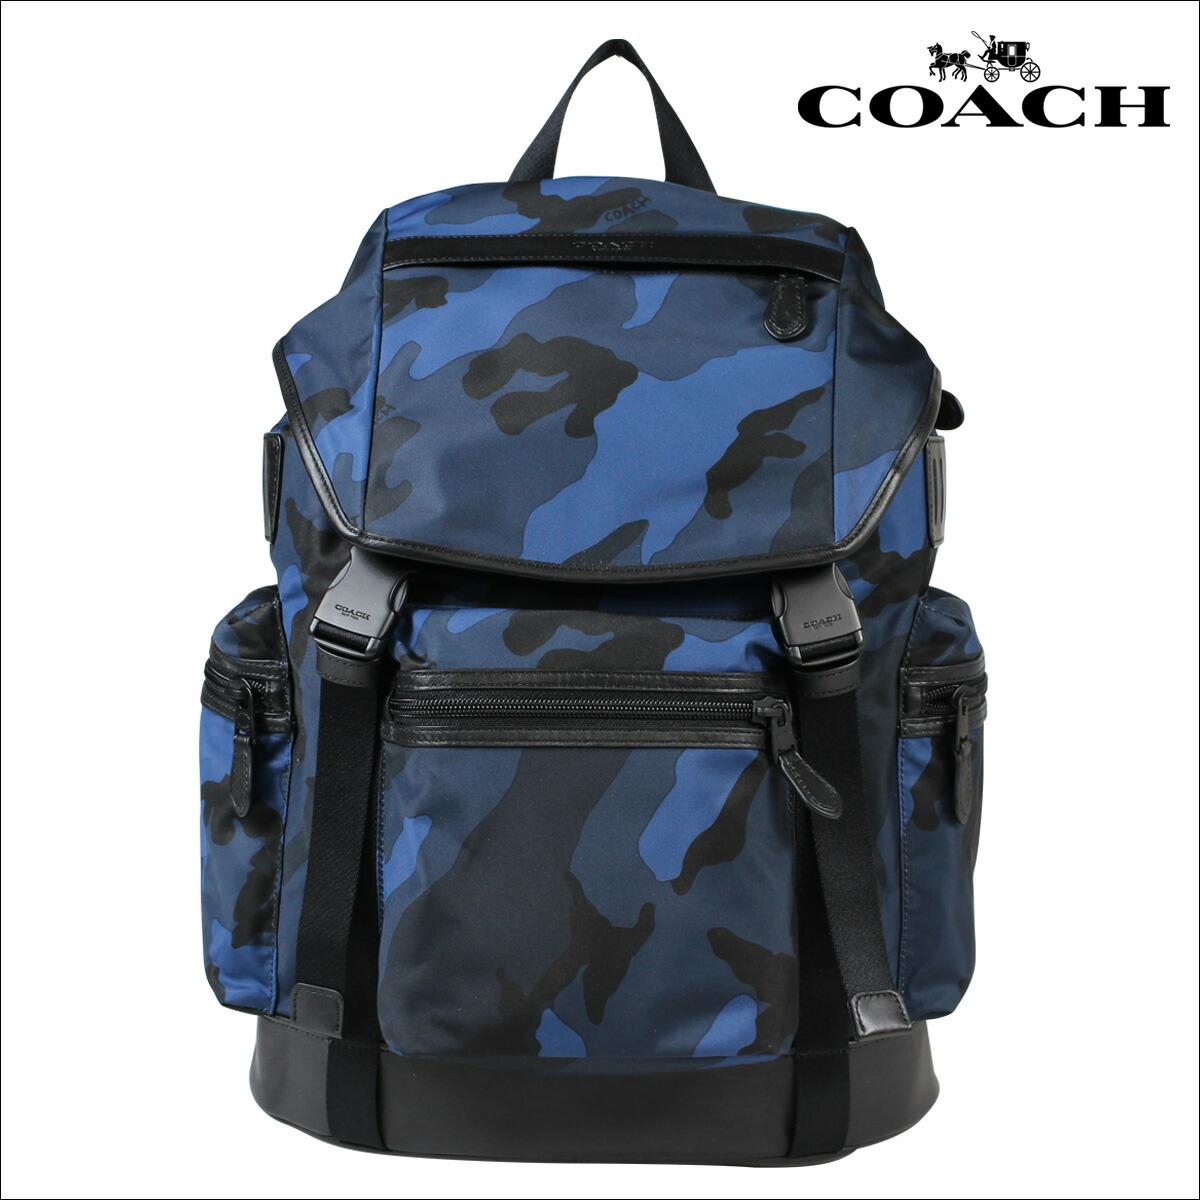 74ab459db981 COACH コーチ ブーツ メンズ クロックバンド バッグ リュック バックパック 海外 F54783 ネイビーカモ  [S10][返品]:シュガーオンラインショップ 送料無料 コーチ ...